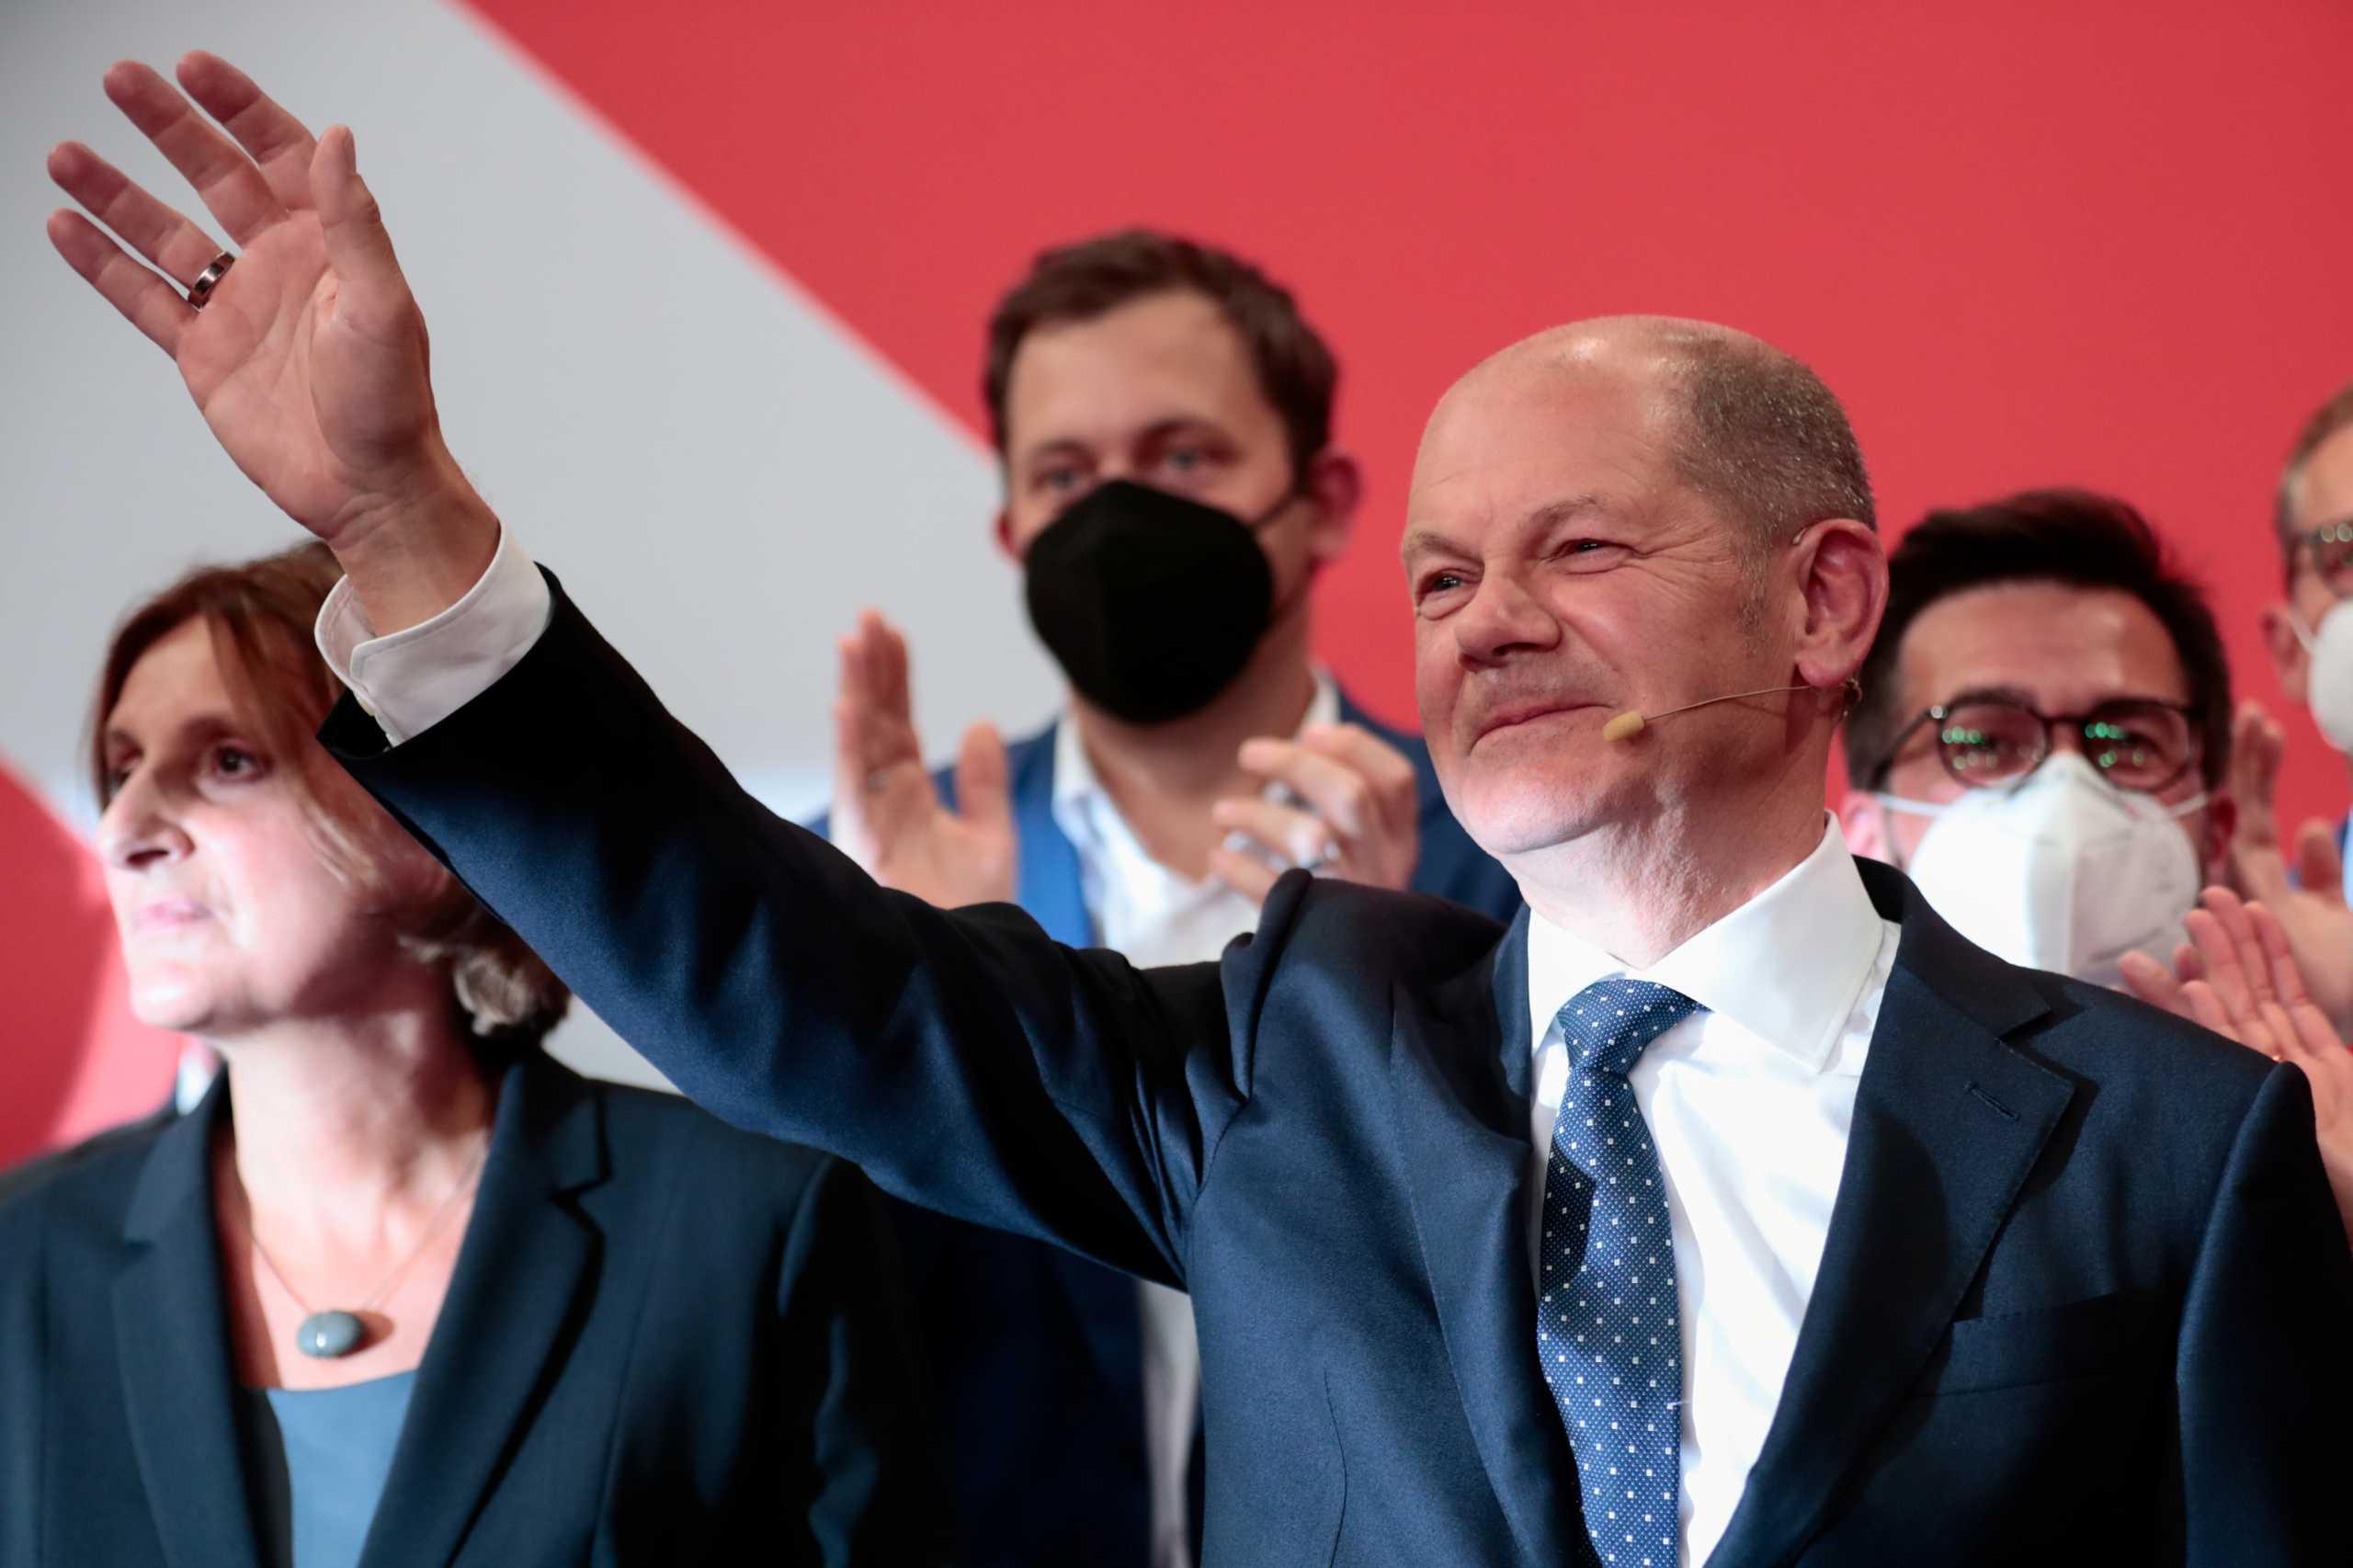 Γερμανία – Όλαφ Σολτς: Η επιτυχία του SPD πρότυπο για την ευρωπαϊκή Σοσιαλδημοκρατία